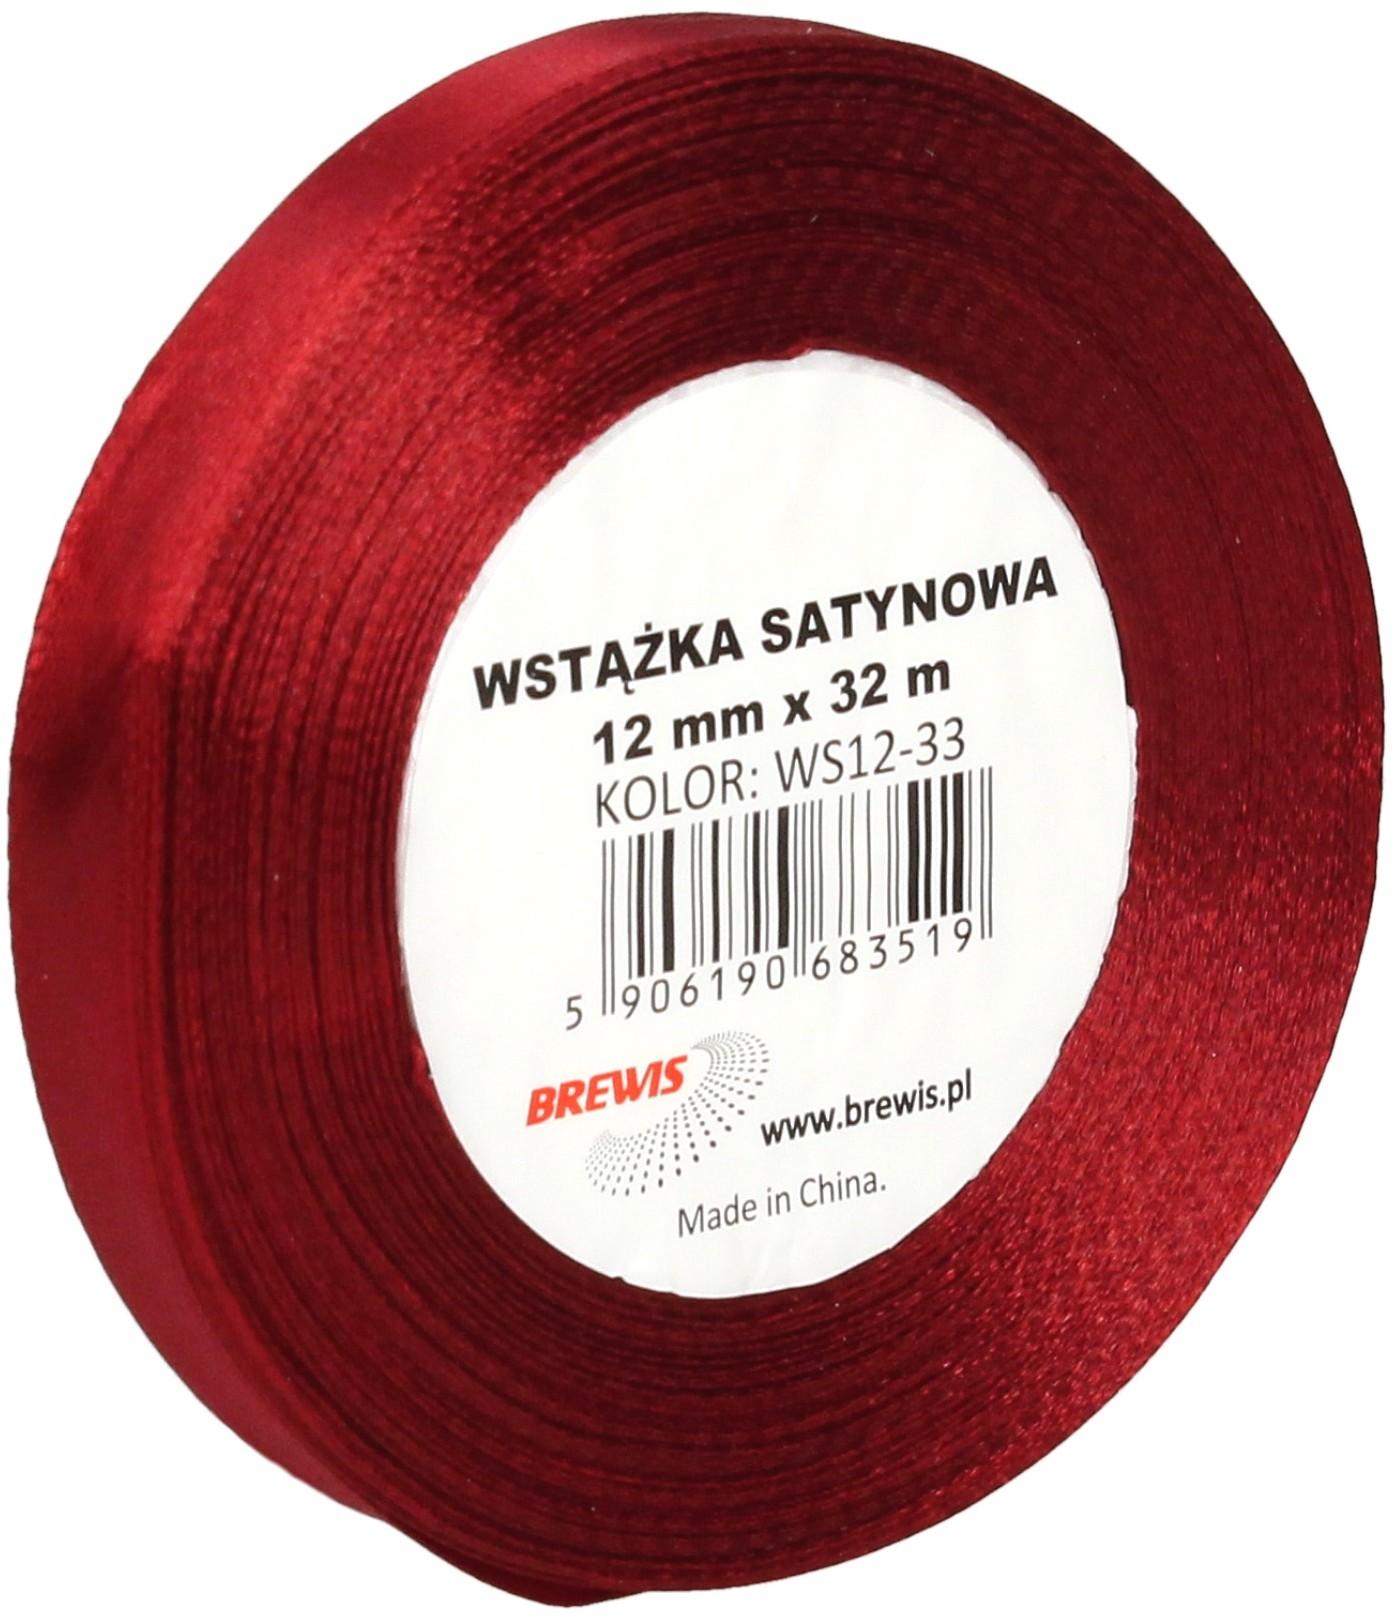 Brewis Wstążka dekoracyjna satynowa 12mm/32m ciemnoczerwona